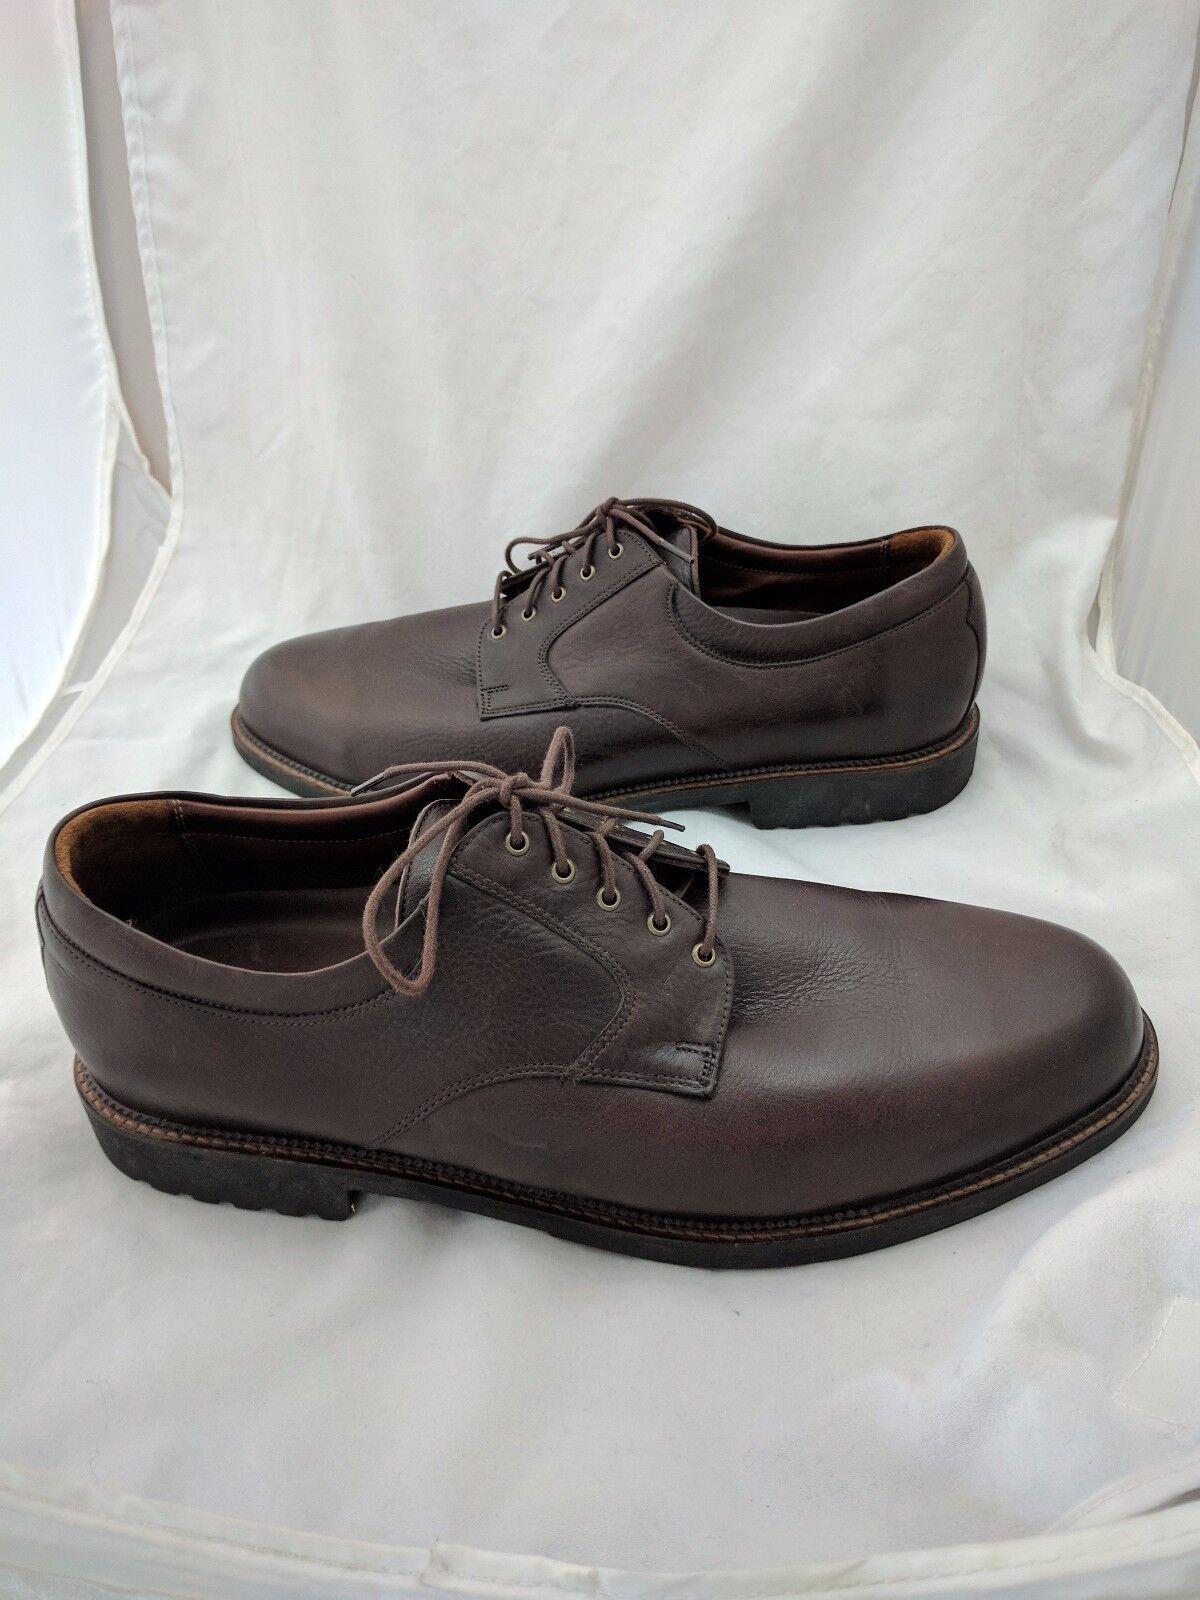 Size D 15D Wynne Dress Shoes 15 M D 15 Oxford Neil Shoes Pelle 6TfgXqw